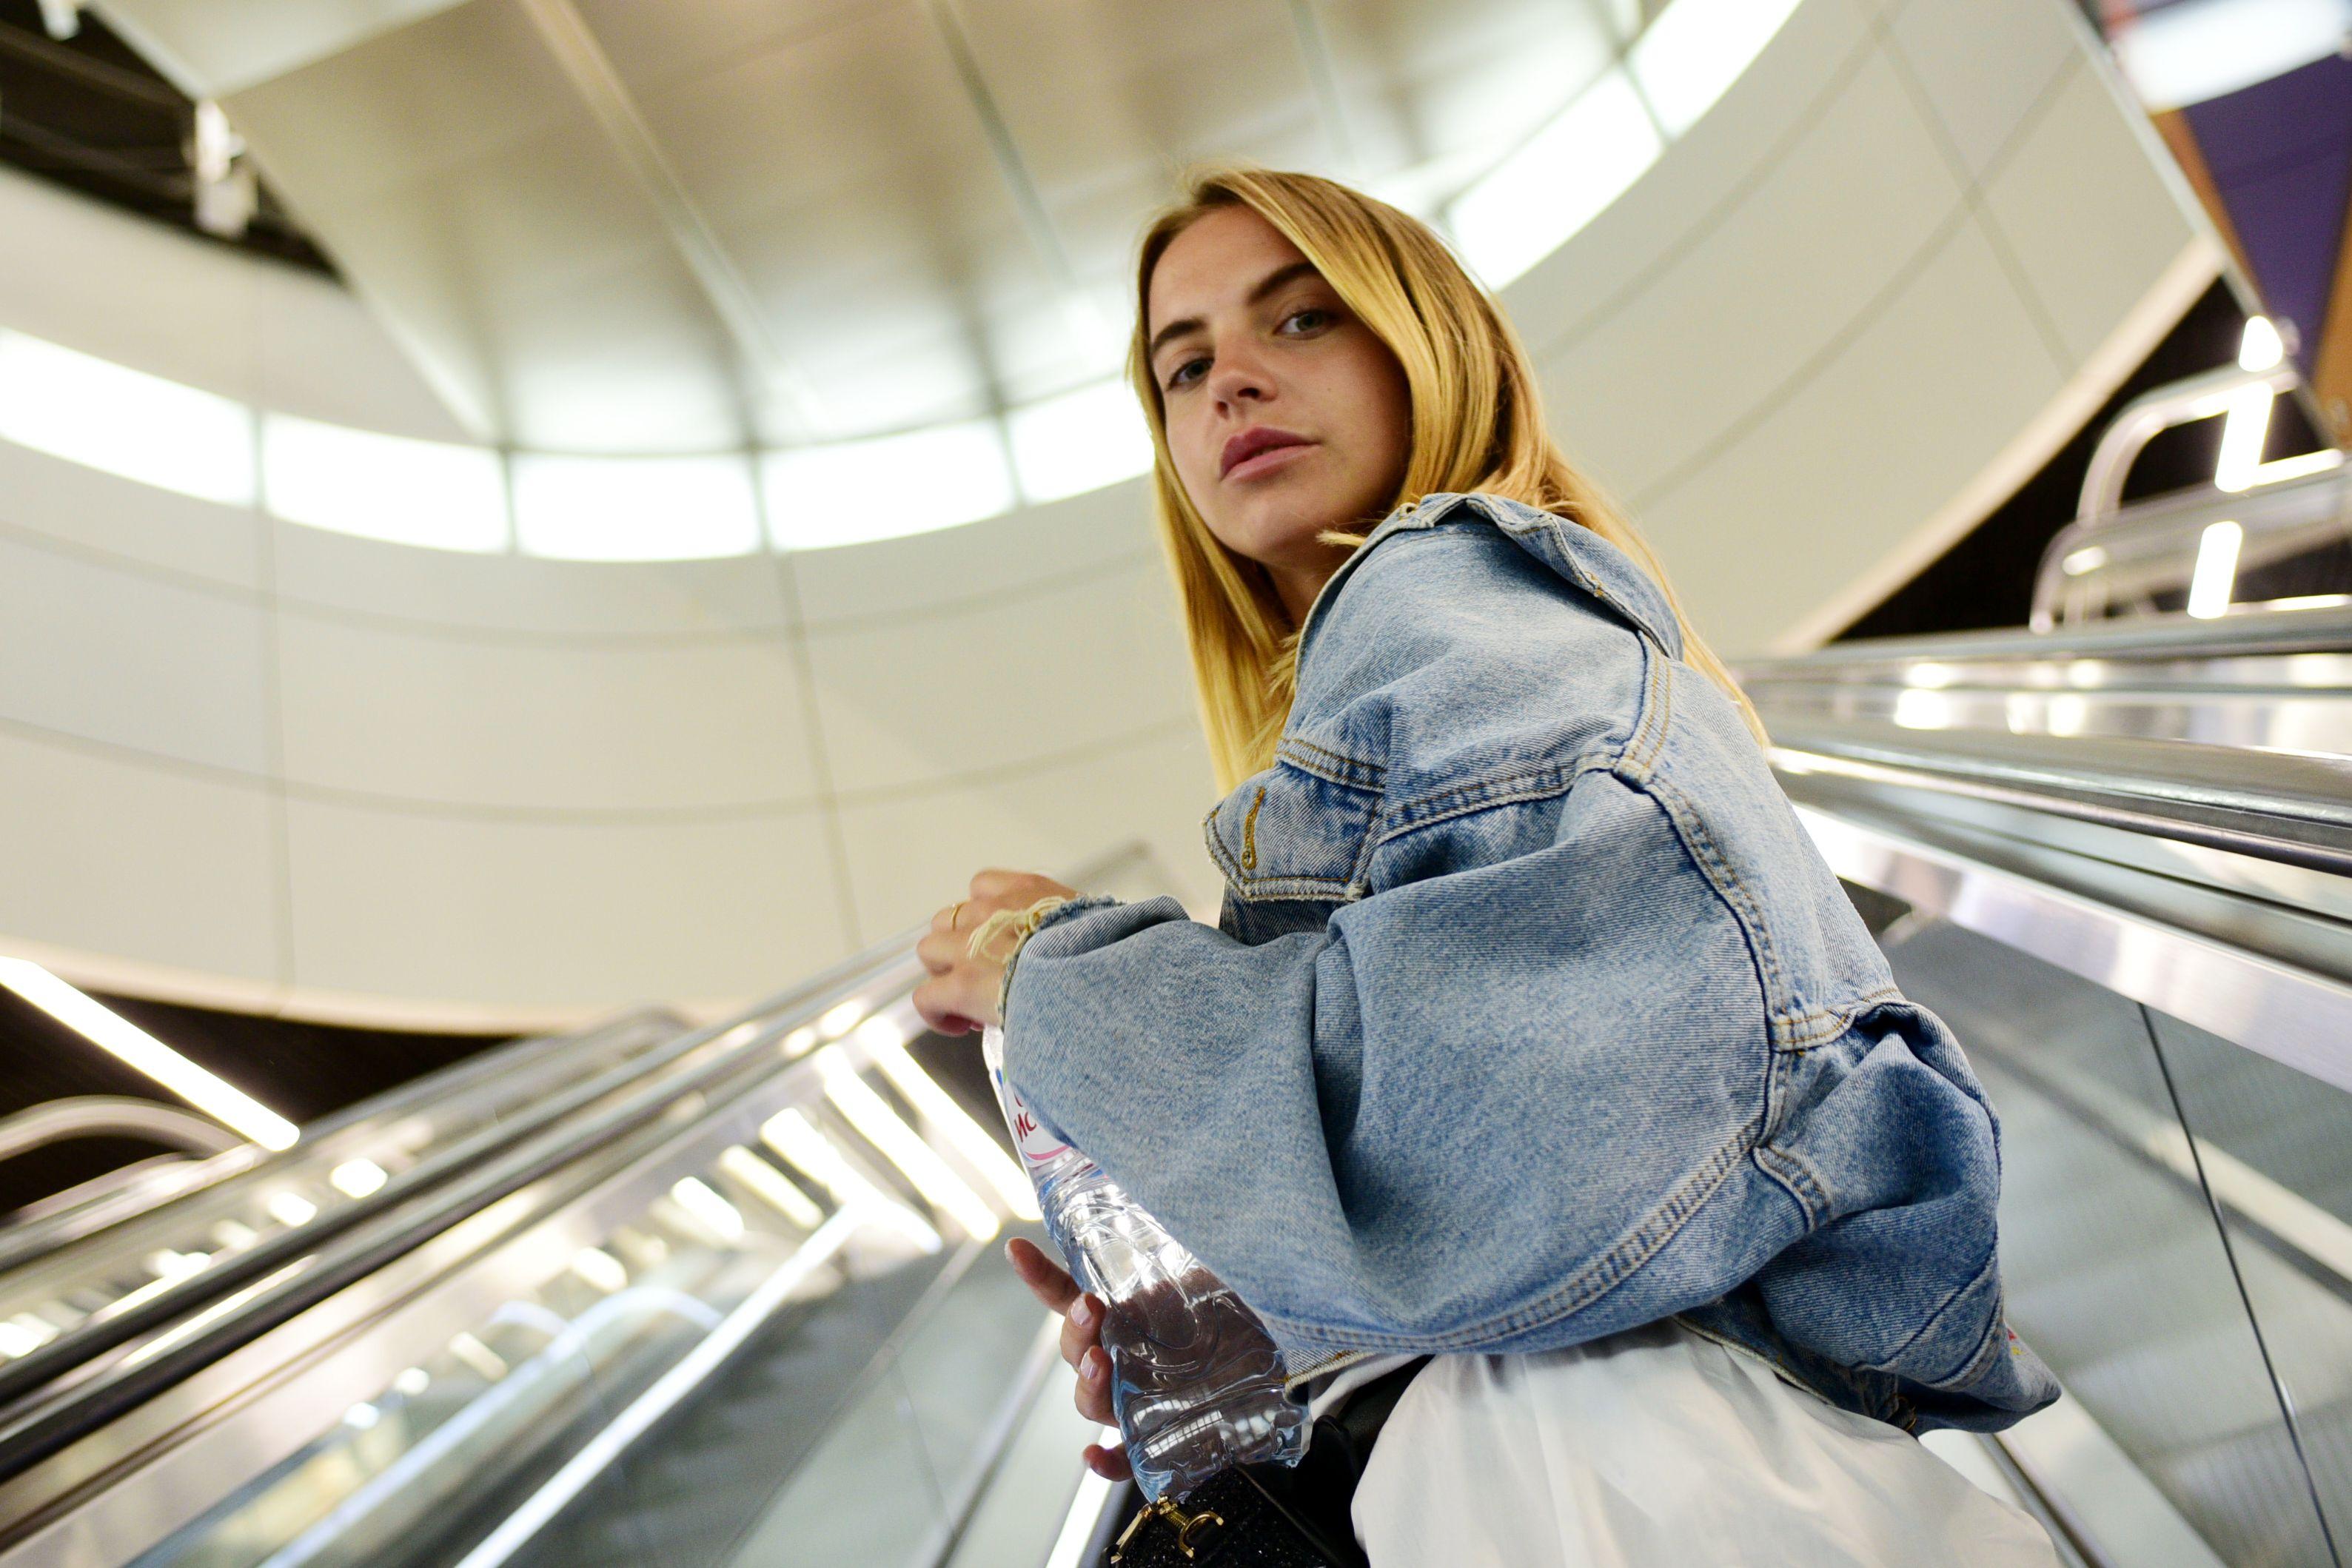 Более миллиарда поездок совершили пассажиры столичного метро в этом году